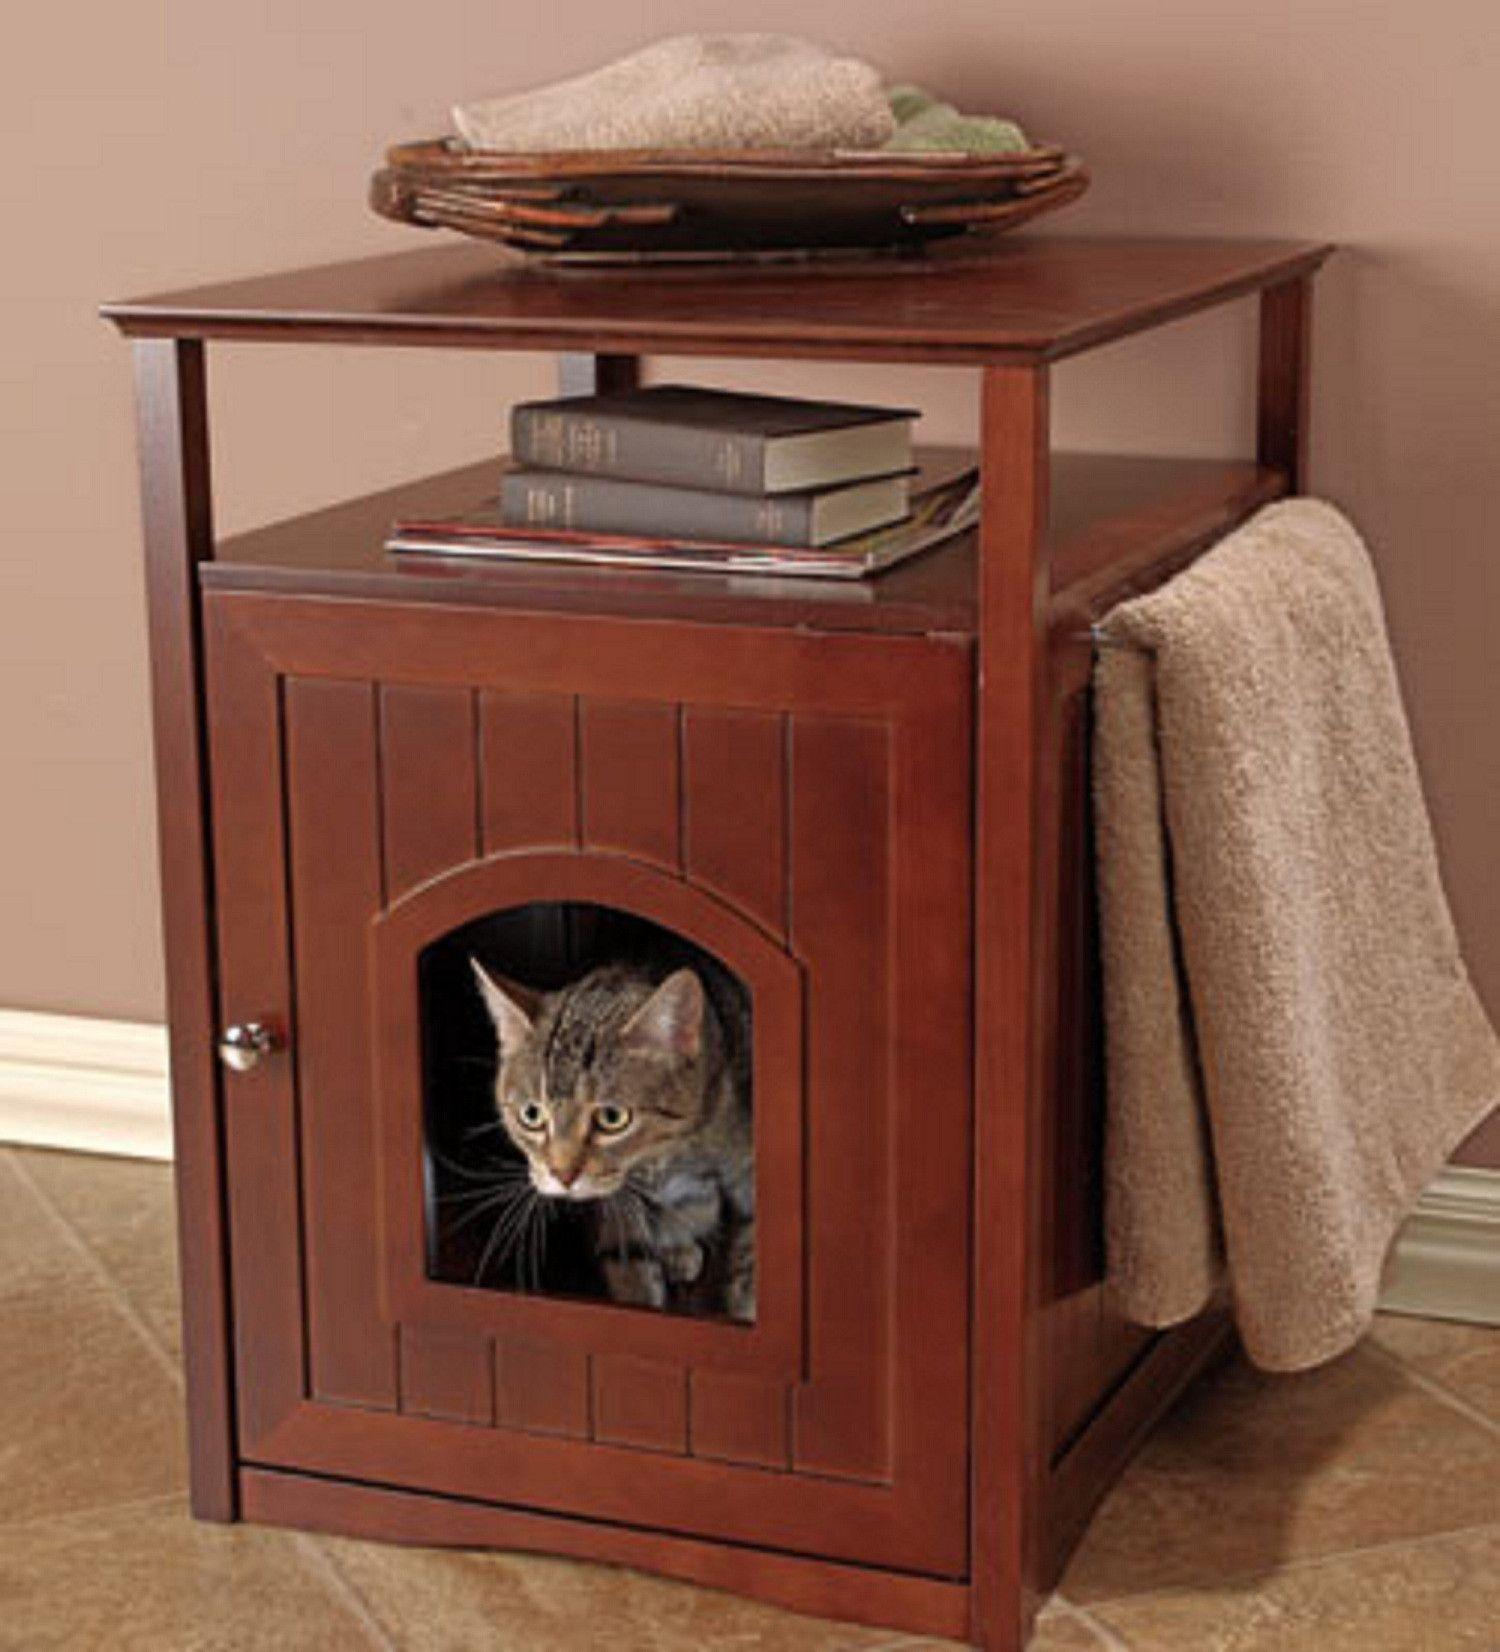 Genial Elegant Hidden Cat Litter Box End Table Http://www.catsonyards.com